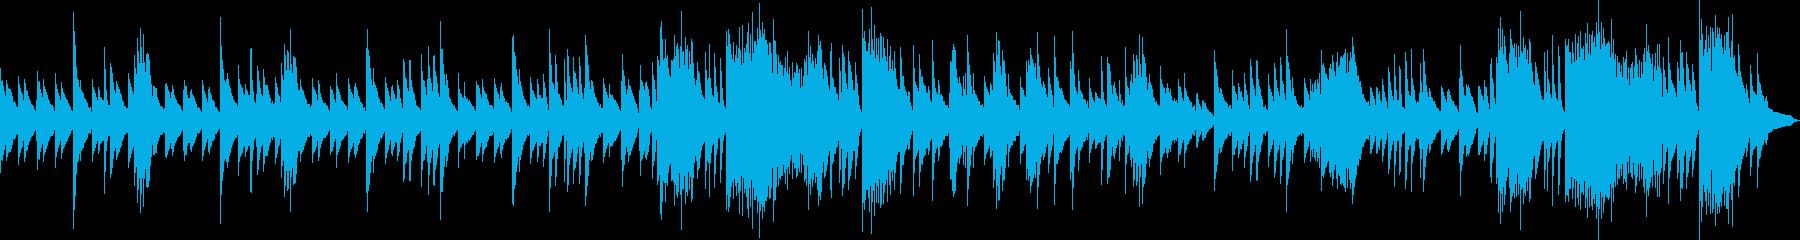 ノスタルジーを感じるゆったりとしたワルツの再生済みの波形